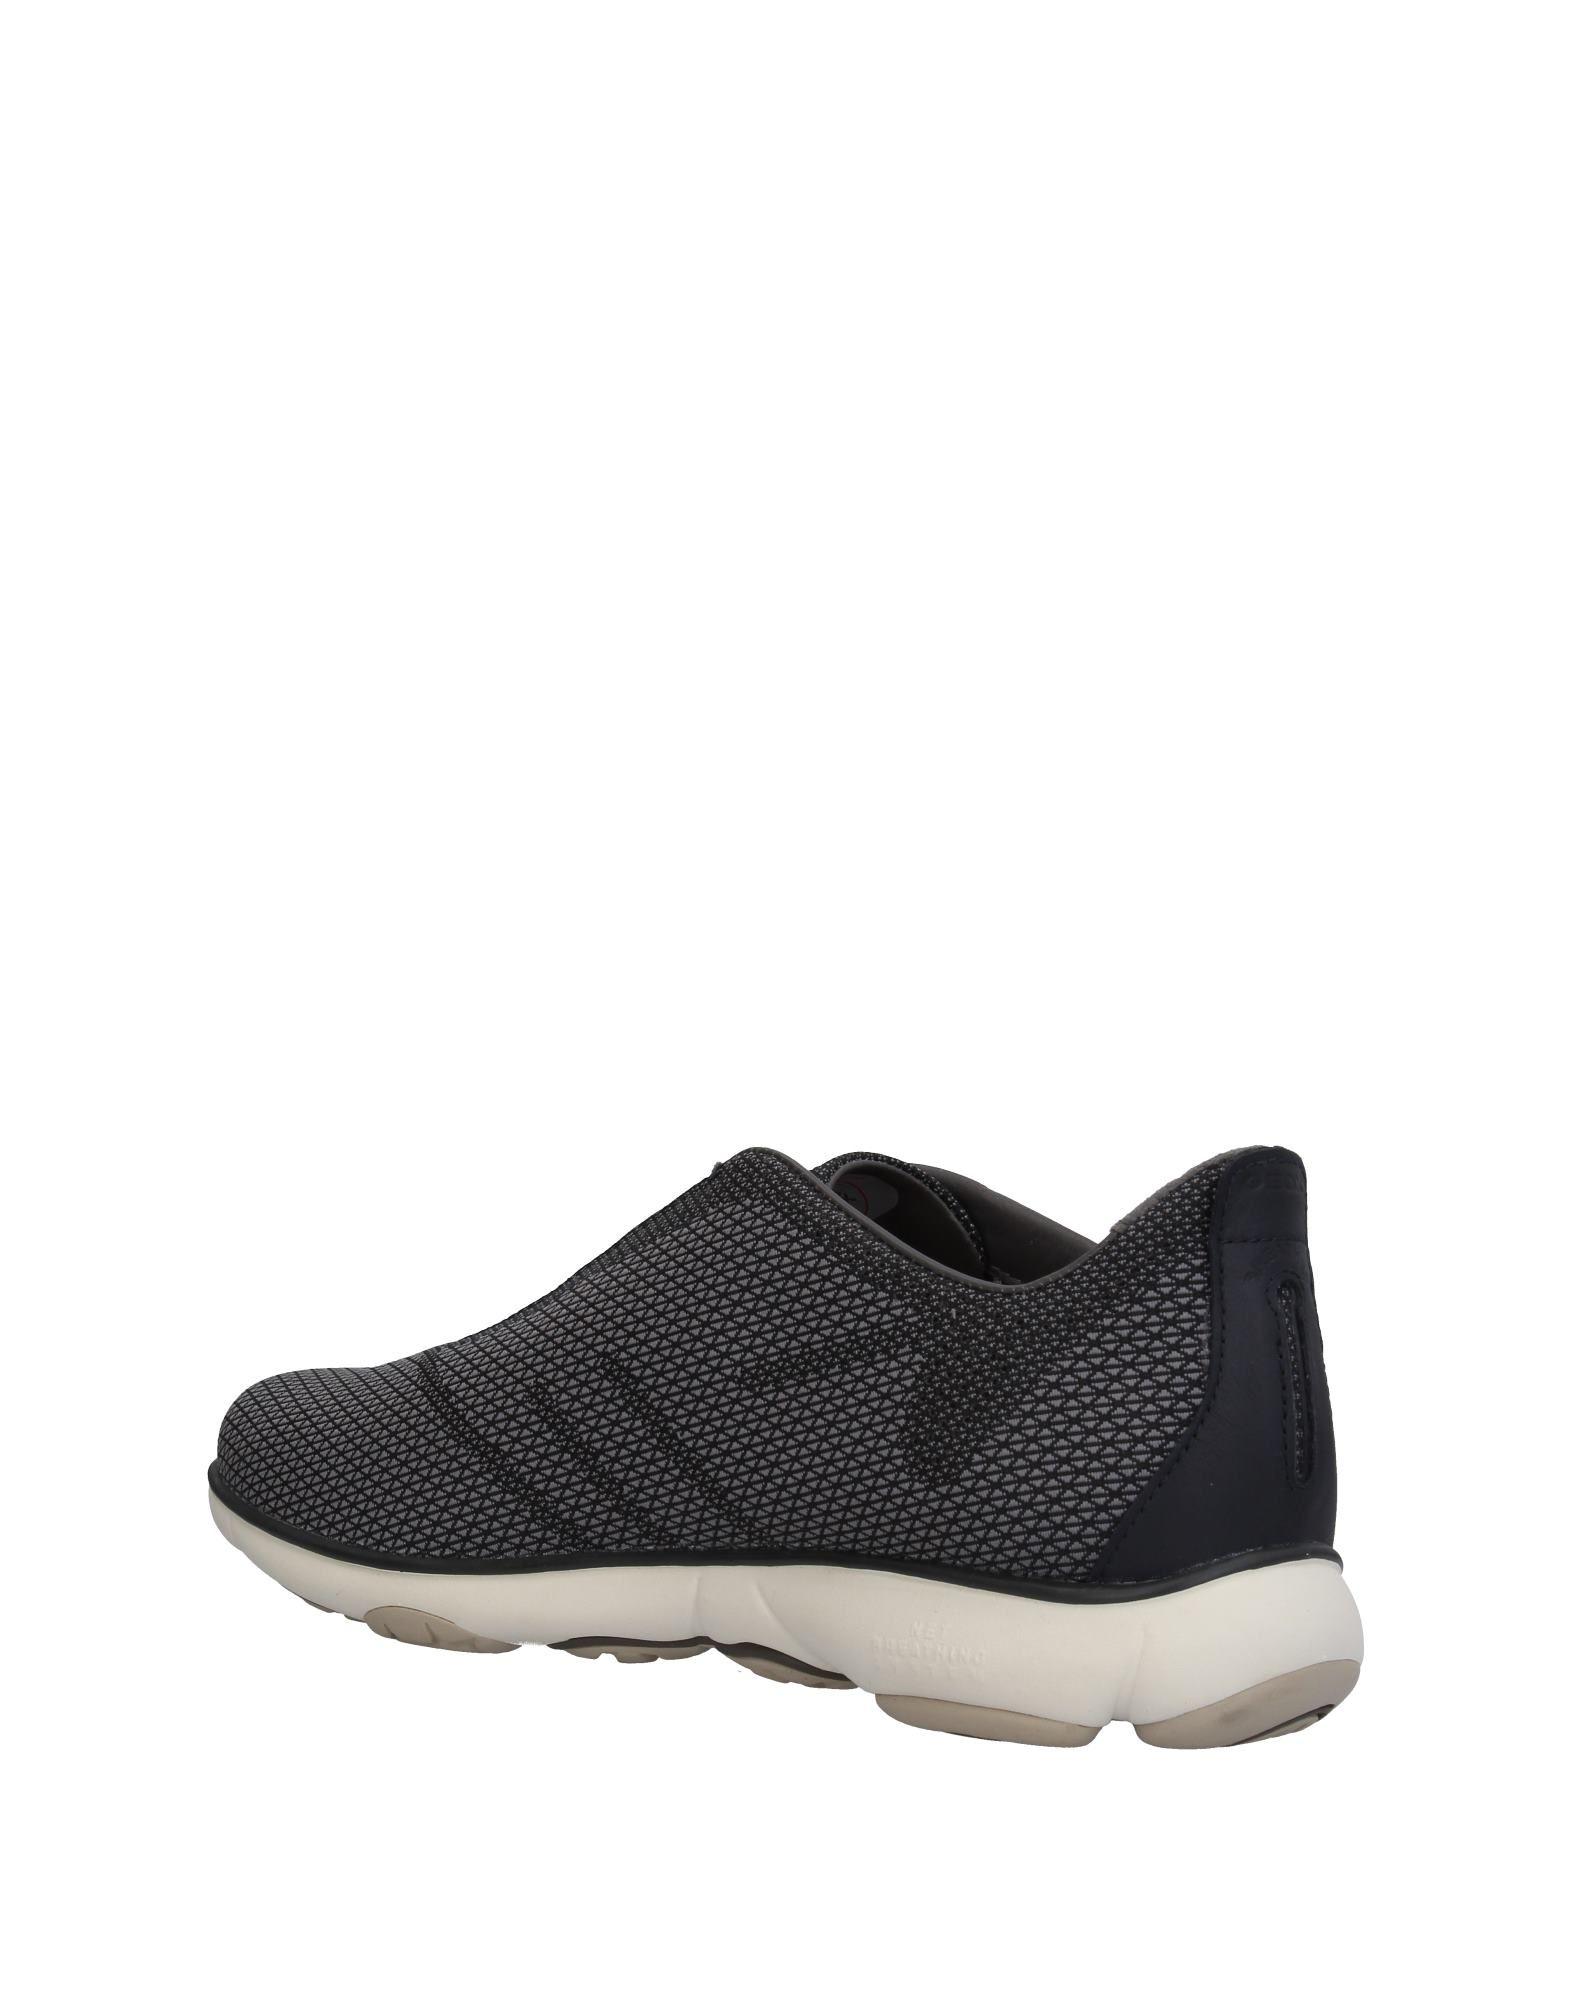 Geox Sneakers - Men Geox Sneakers online on on on  Canada - 11391836OO ecfc03